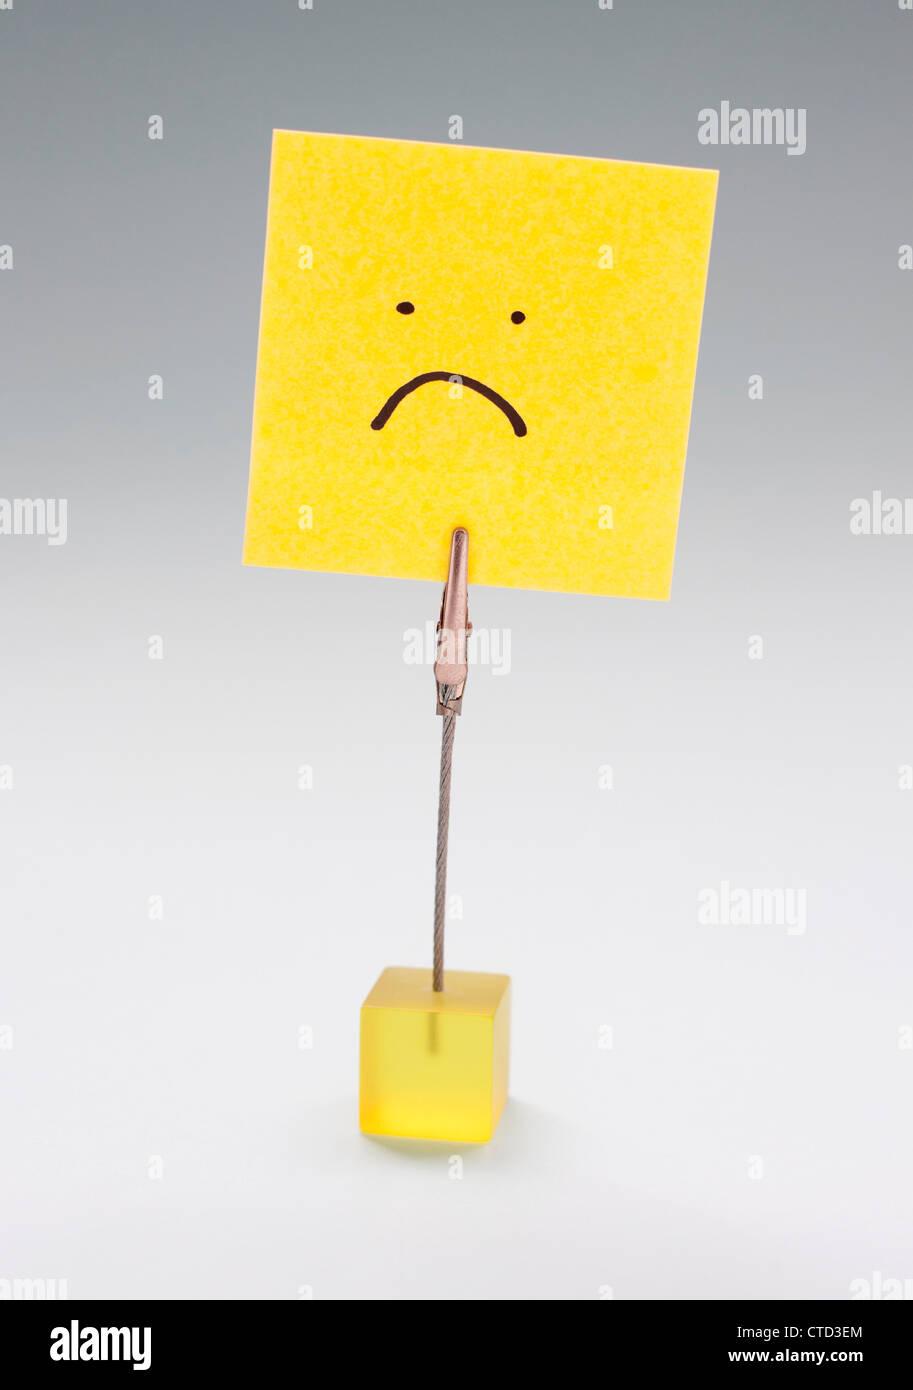 La infelicidad imagen conceptual Imagen De Stock